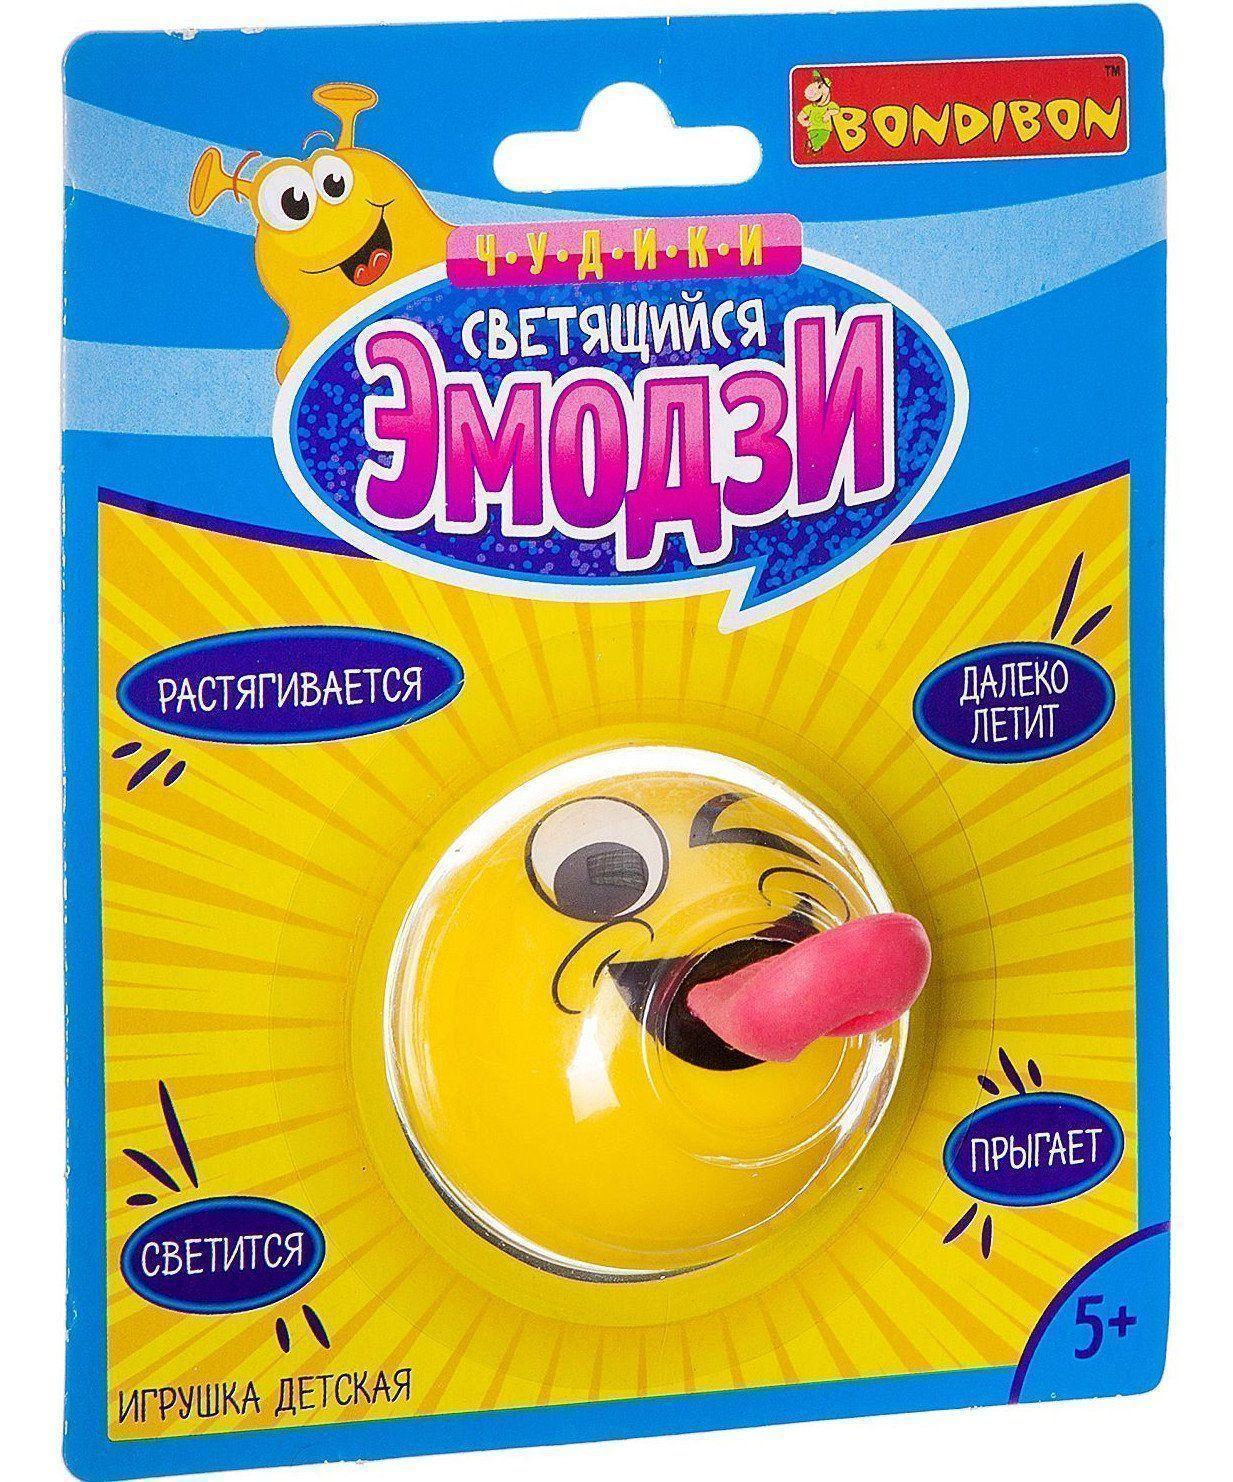 Игрушка детская Светящий эмодзи подмигивающийИгры и игрушки<br>Яркая, веселая игрушка-мяч с нарисованными на ней эмодзи, приятно удивит и развеселит, ведь она еще и светится Как использовать: потяните за язык и отпустите, упав на пол, мяч загорится от удара. Для детей старше 3-х лет.<br><br>Год: 2017<br>Высота: 150<br>Ширина: 125<br>Толщина: 70